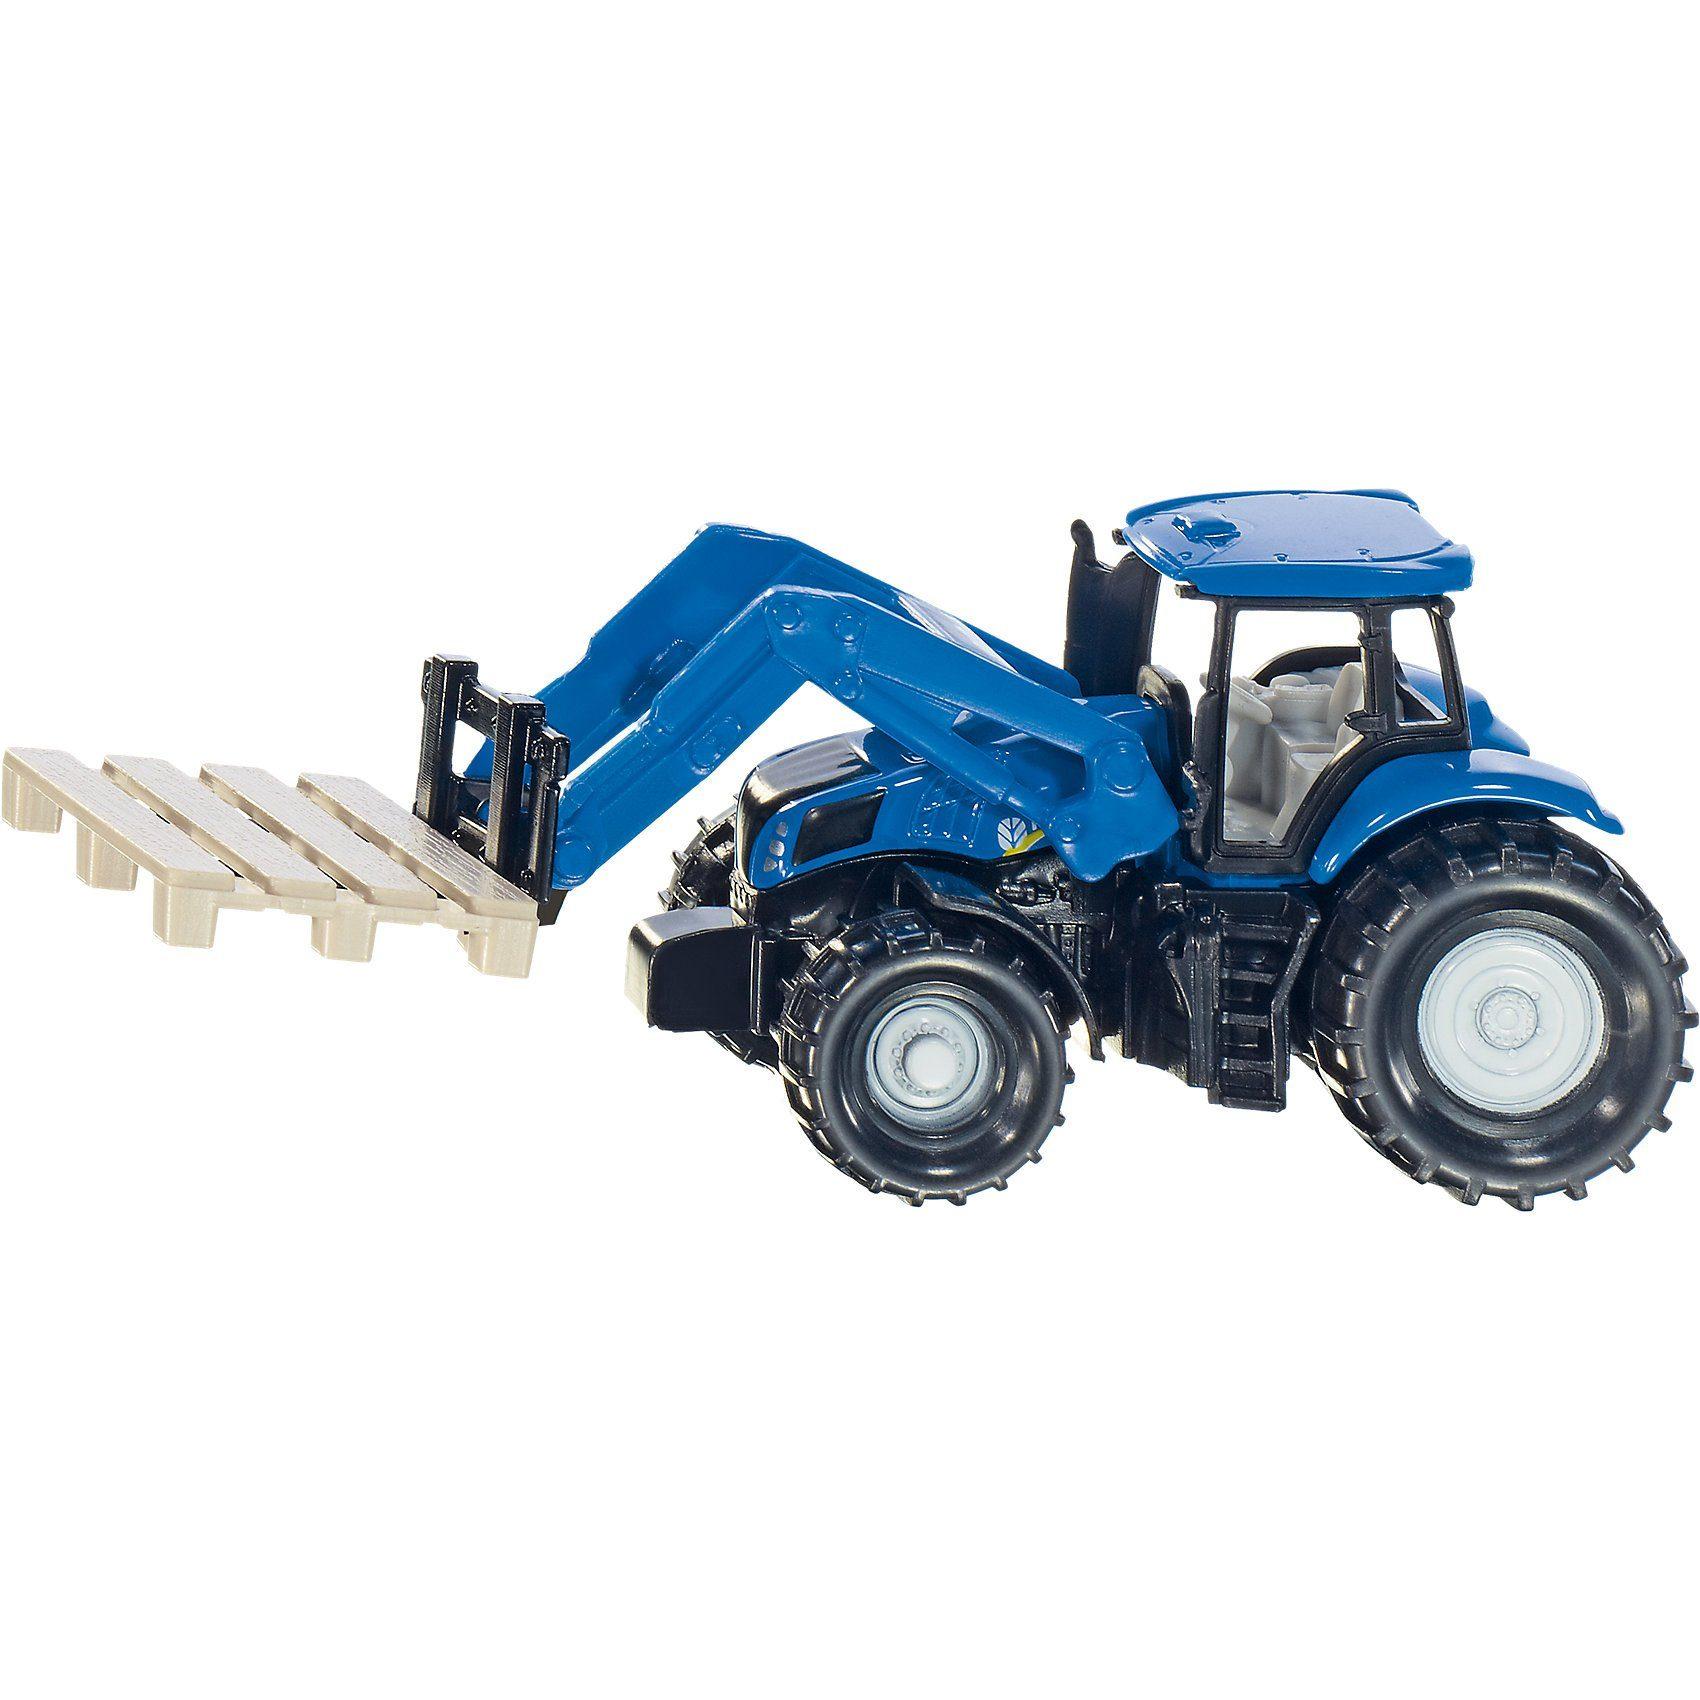 SIKU 1487 New Holland Traktor mit Palettengabel und Palette